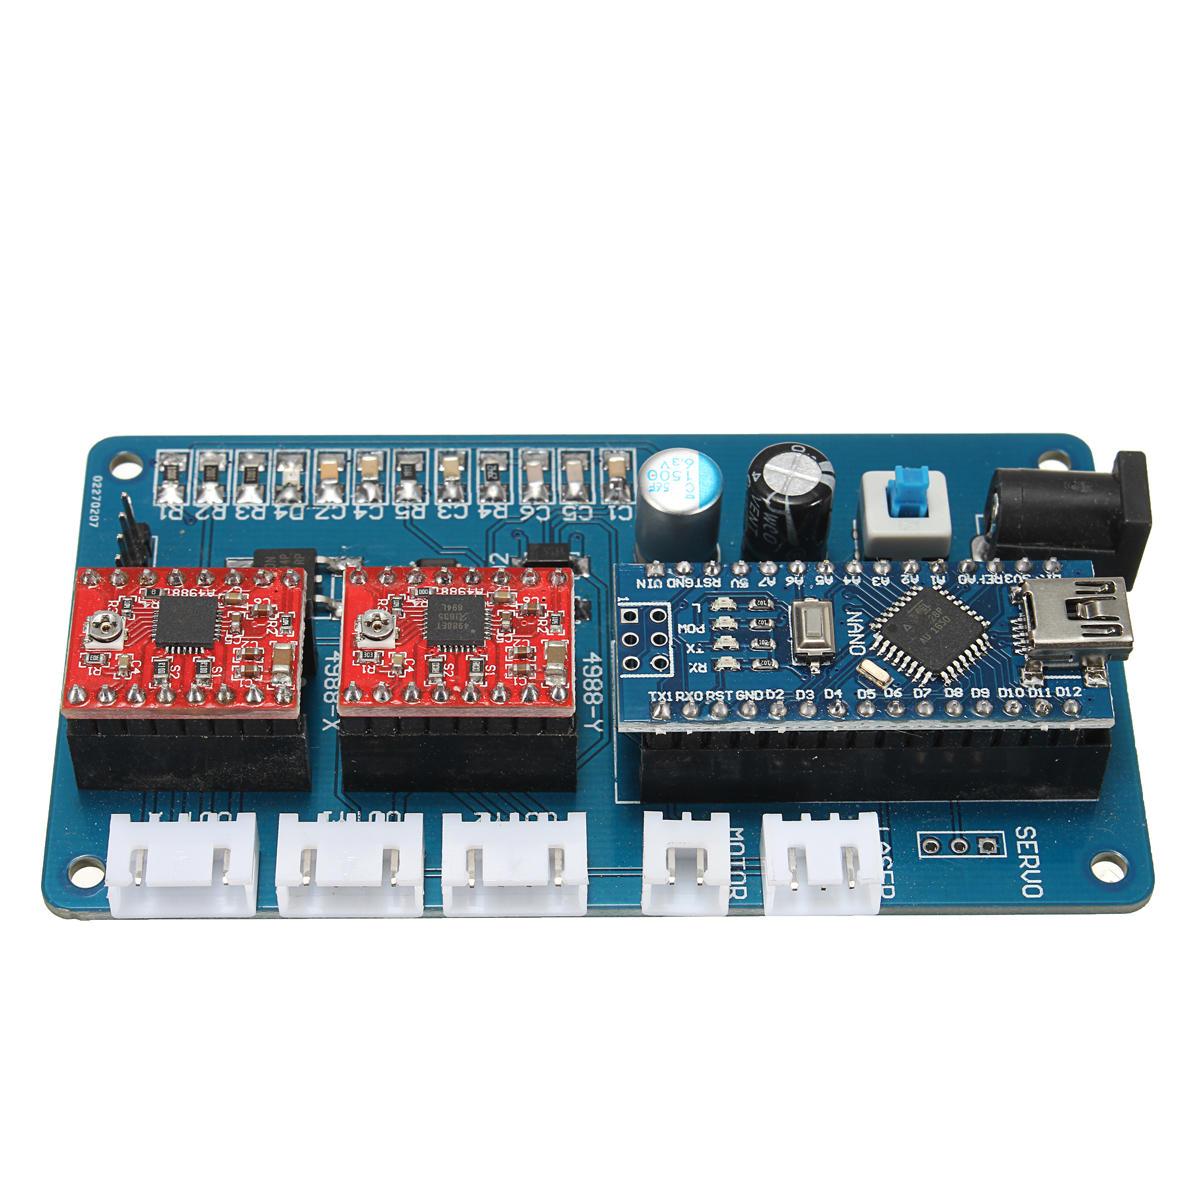 Panneau de panneau de commande de 2 axes GRBL pour la machine de gravure de laser de DIY Panneau de conducteur de pas de roue USB de Benbox